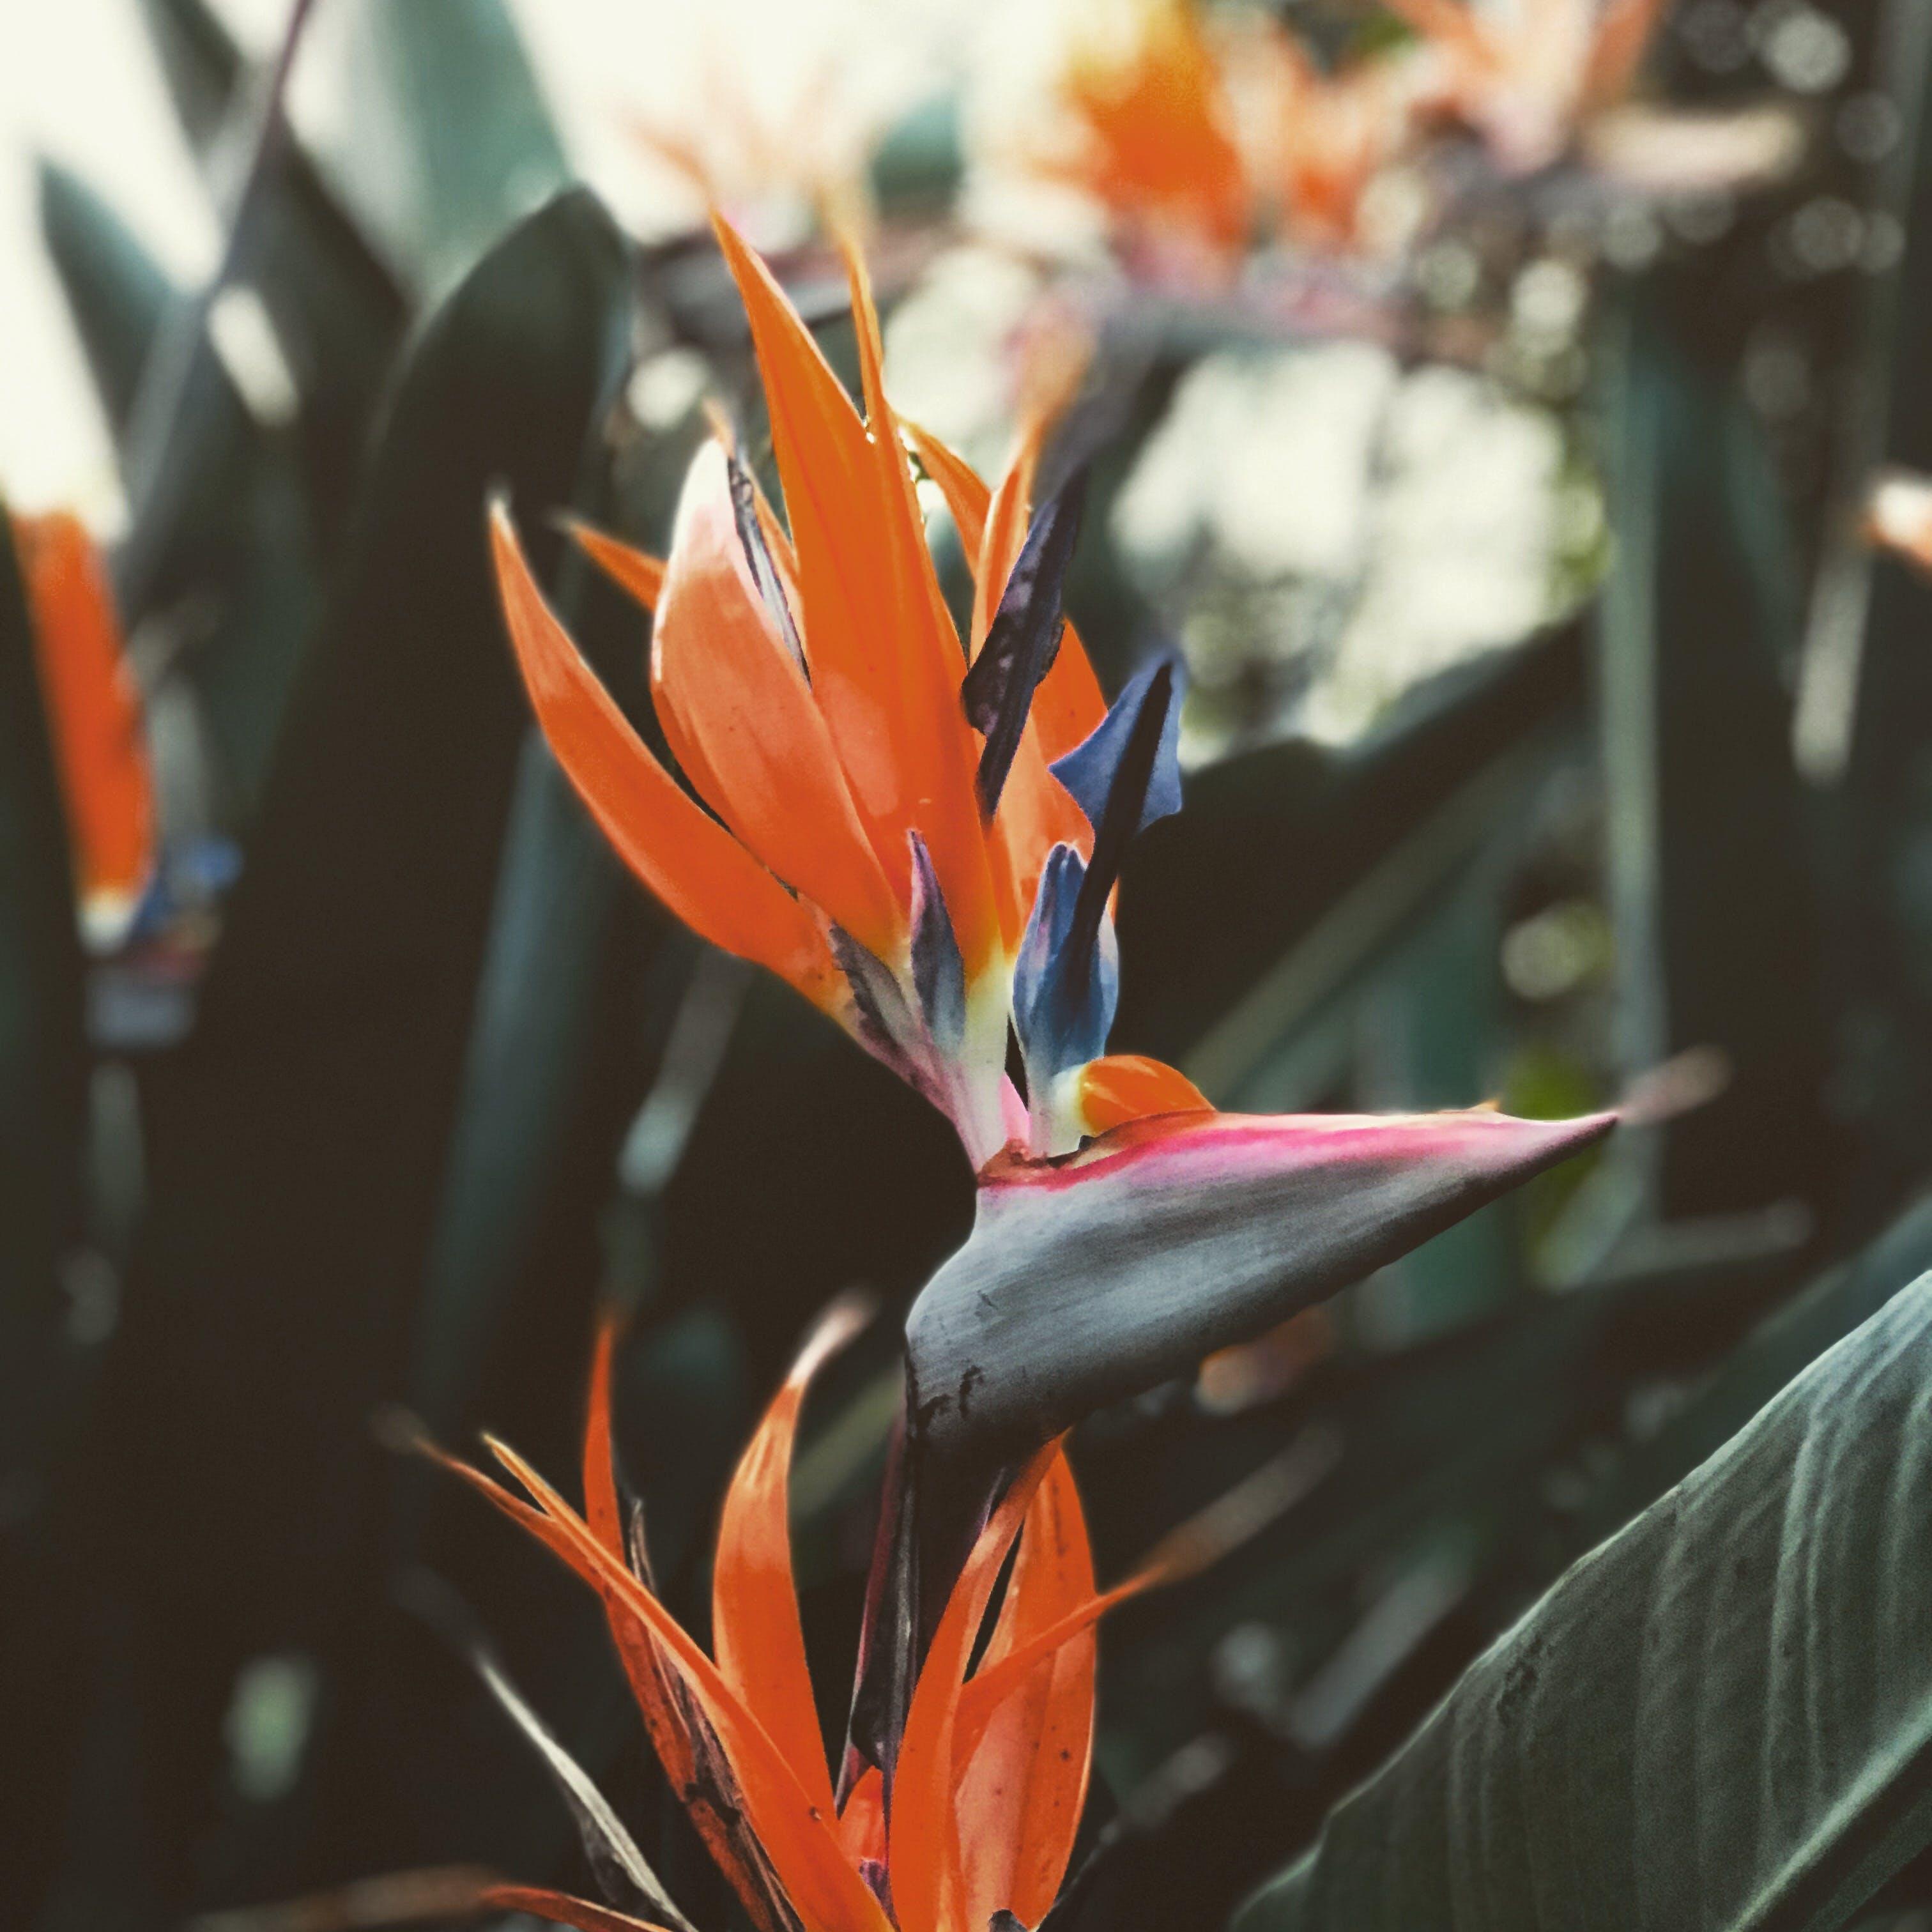 Δωρεάν στοκ φωτογραφιών με εργοστάσιο, λουλούδι, χλωρίδα